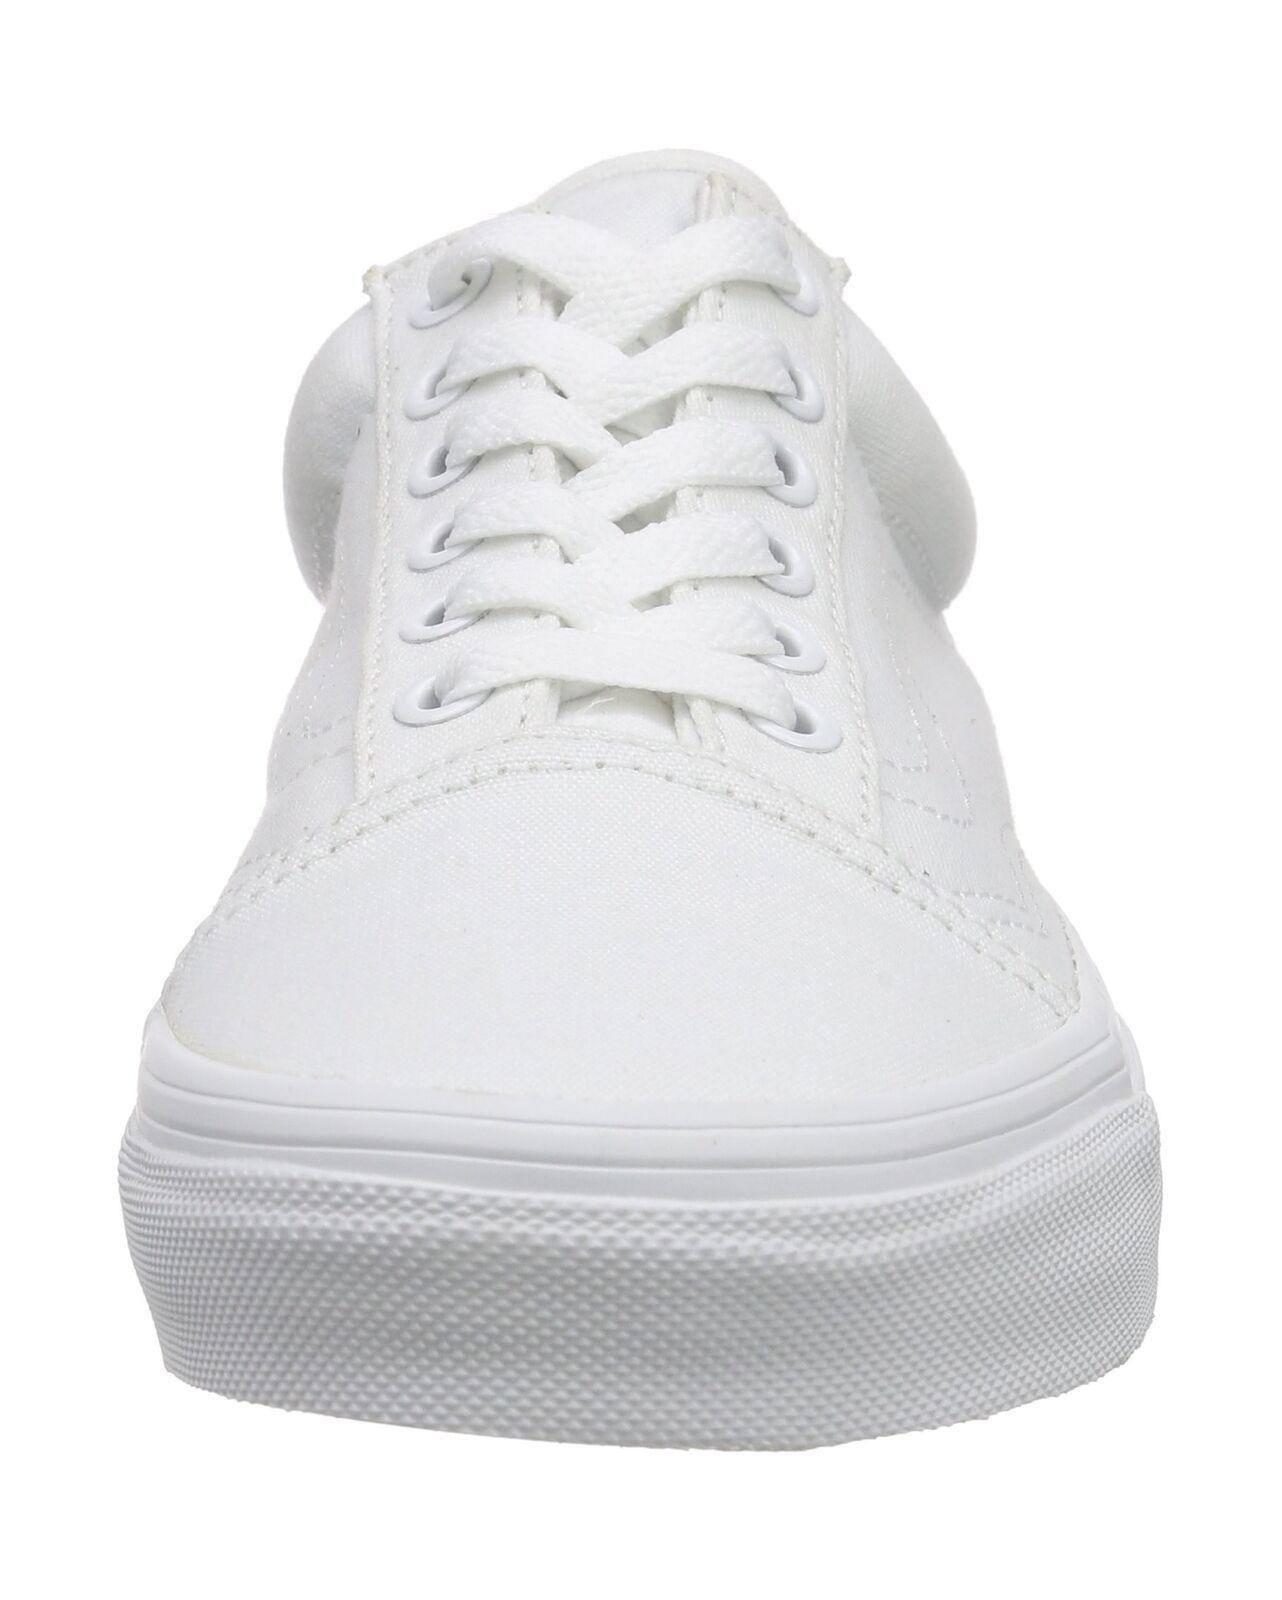 Vans Old Skool, Unisex Adults' Low-Top Trainers True White